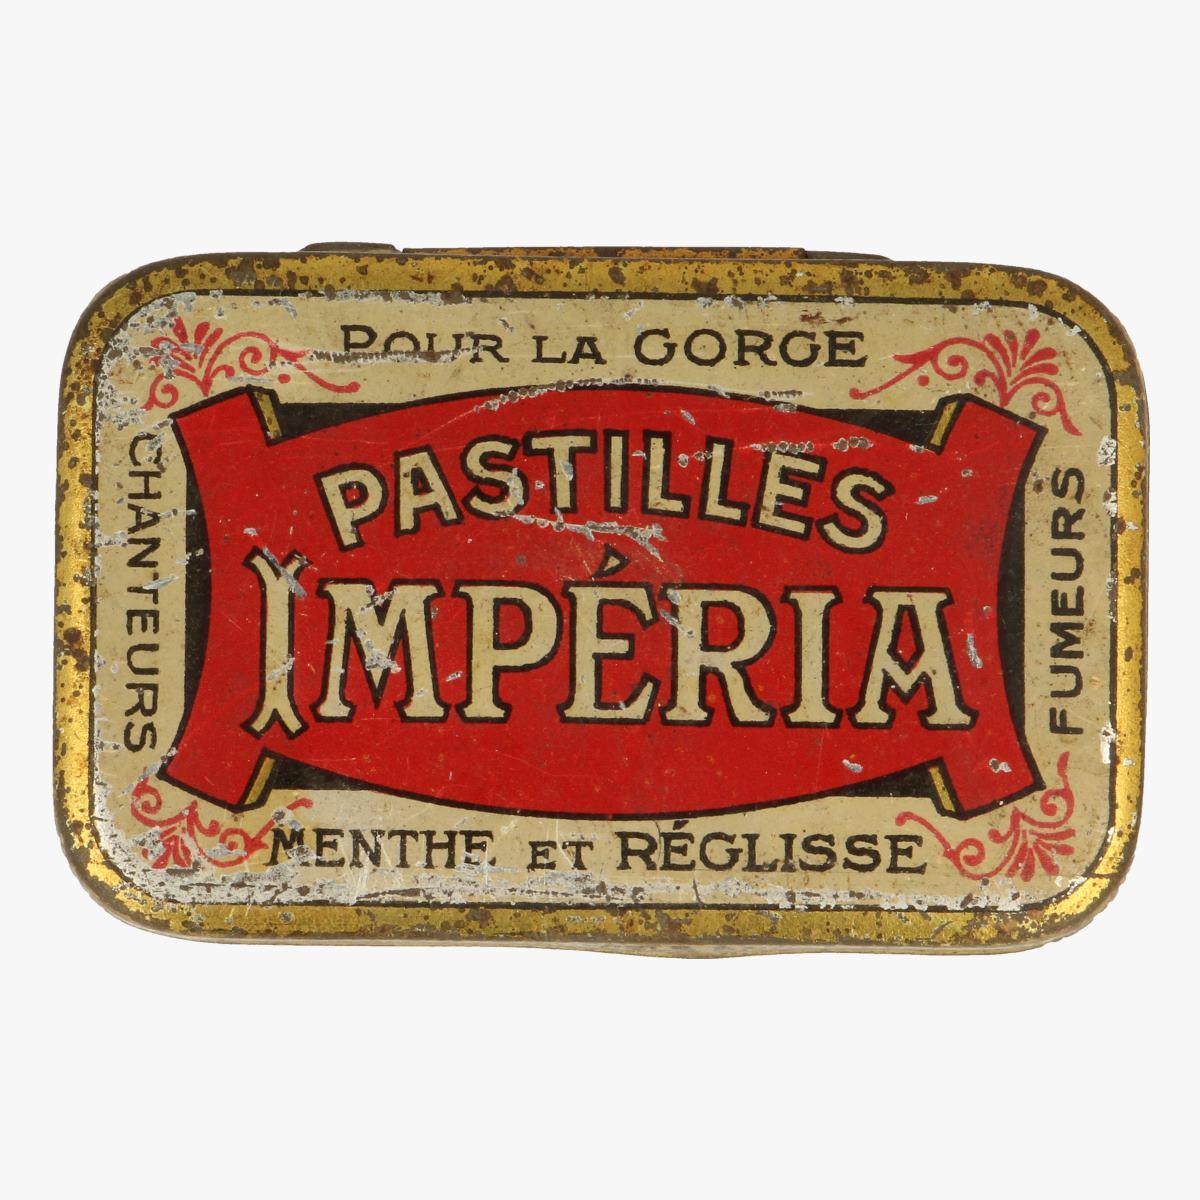 Afbeeldingen van blikken doosje pastilles imperia